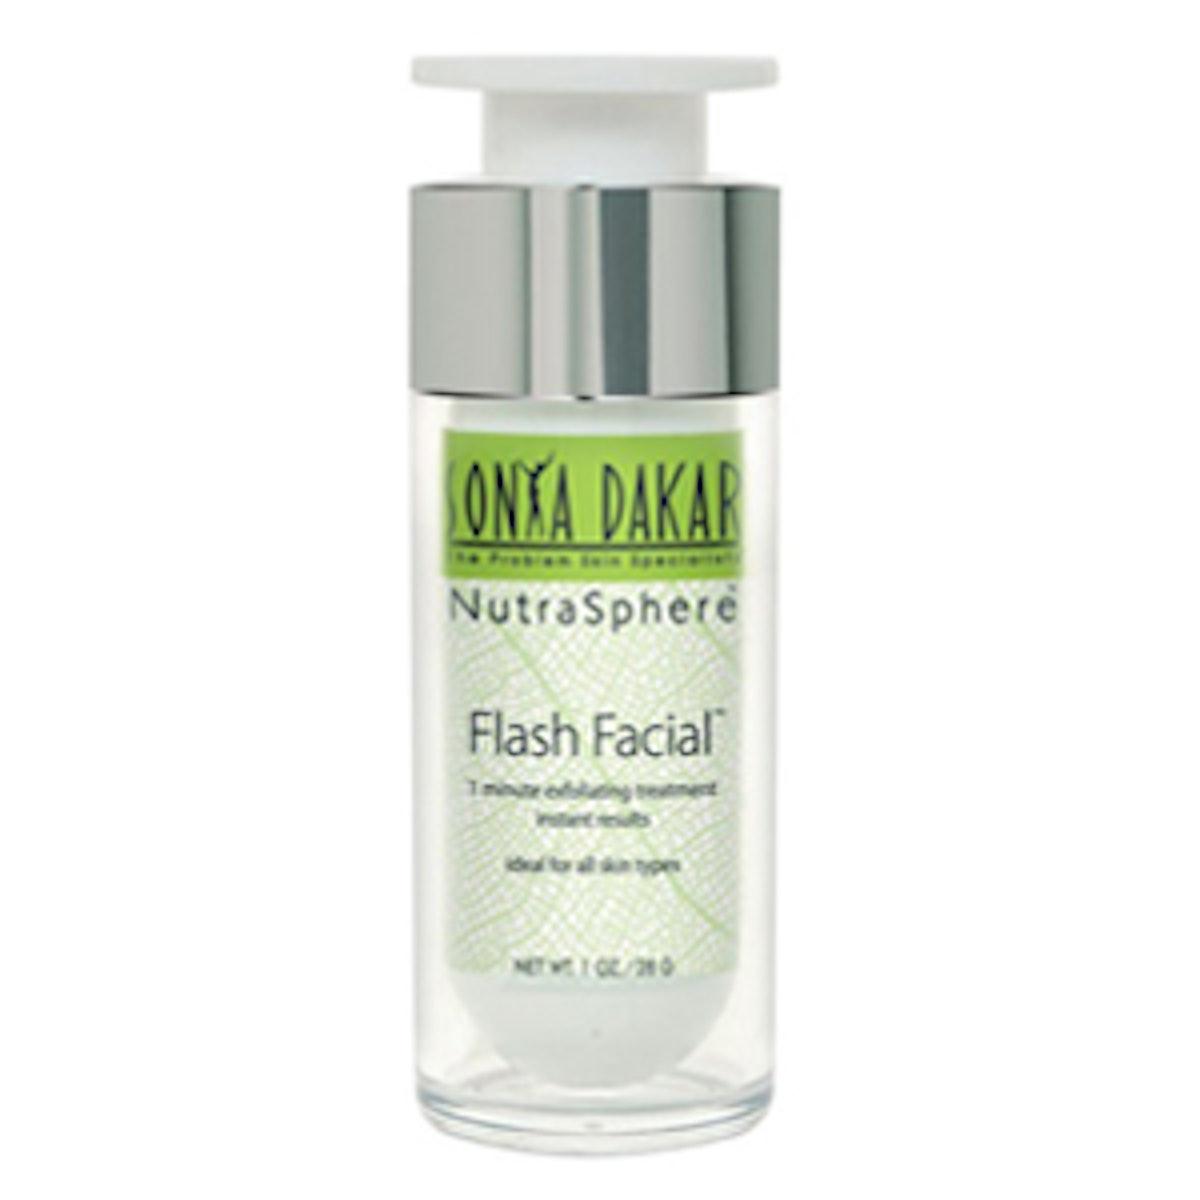 Flash Facial